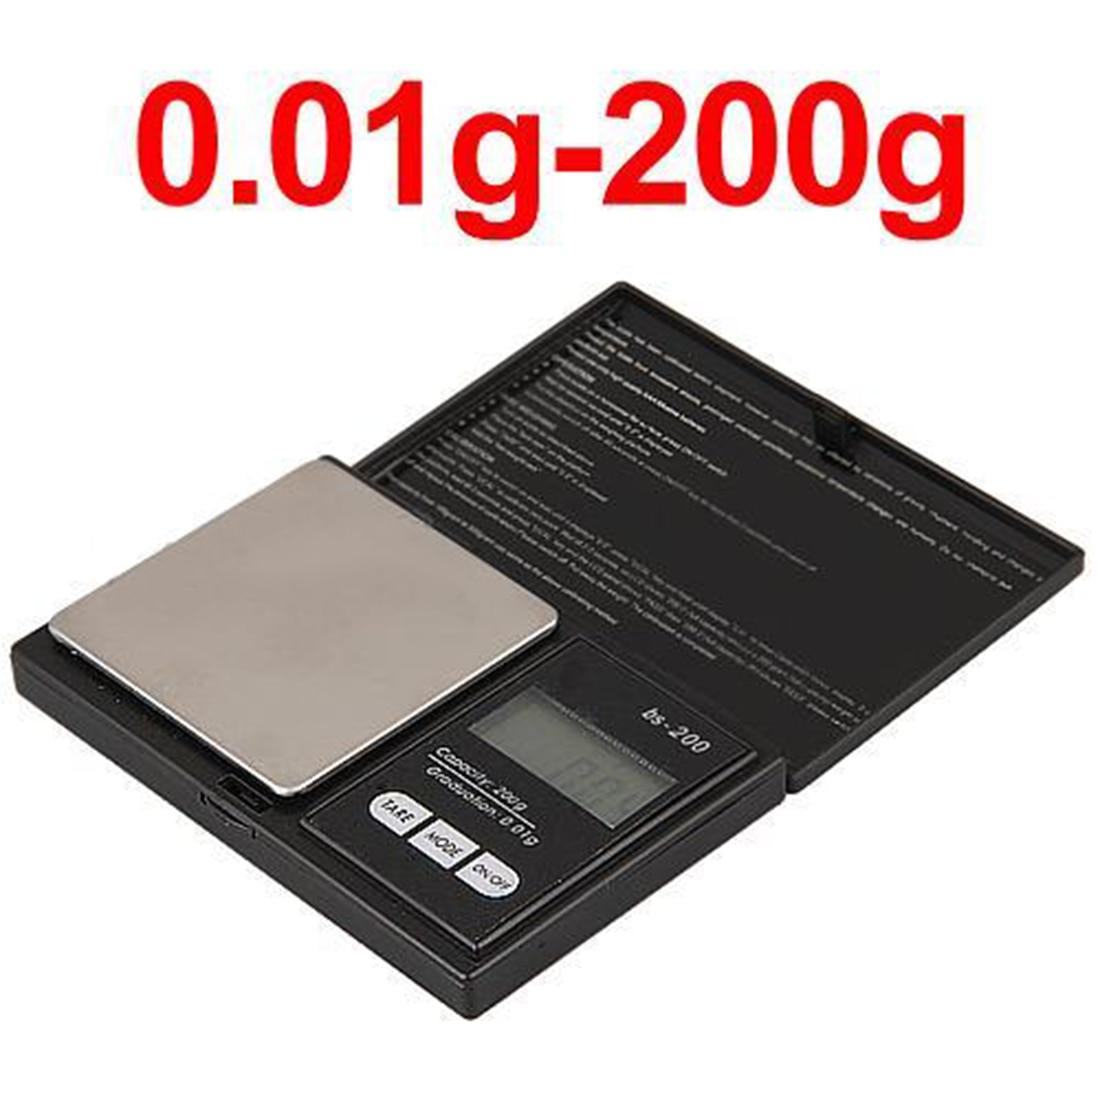 Escala 200g x 0,1g luminoso LED de bolsillo Escala electrónica de alta precisión de oro de la joyería de Gram escala de peso equilibrio